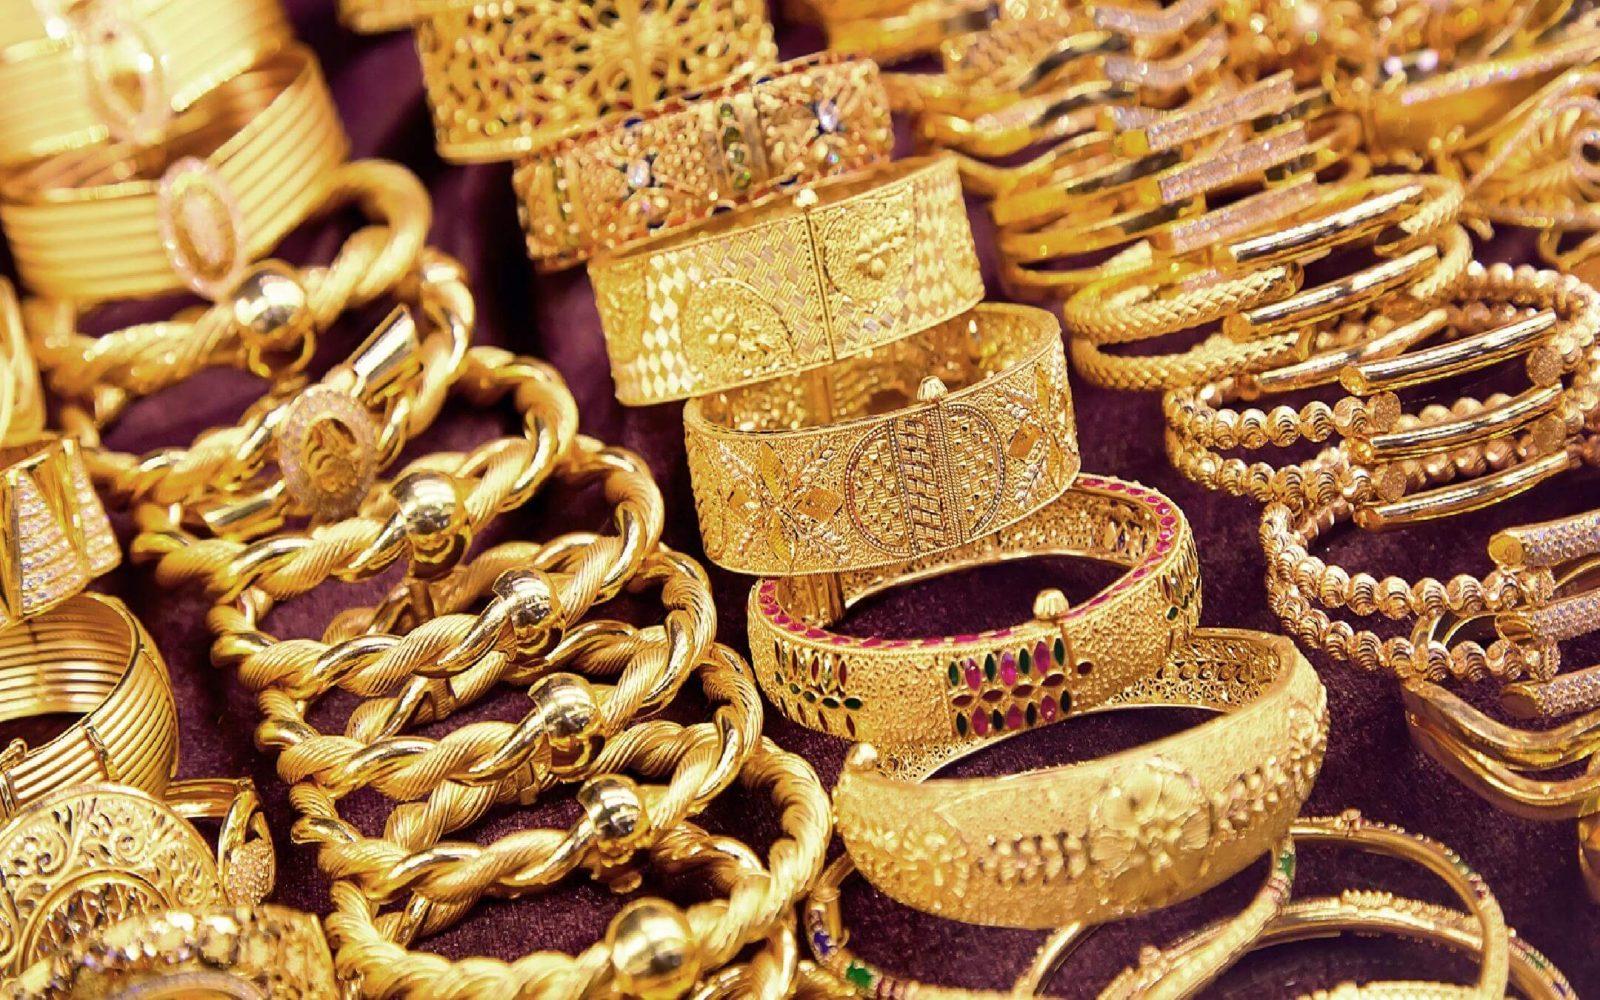 أسعار الذهب اليوم الاثنين 28 ديسمبر 2020 في مصر وارتفاع جديد في سعر عيار 21